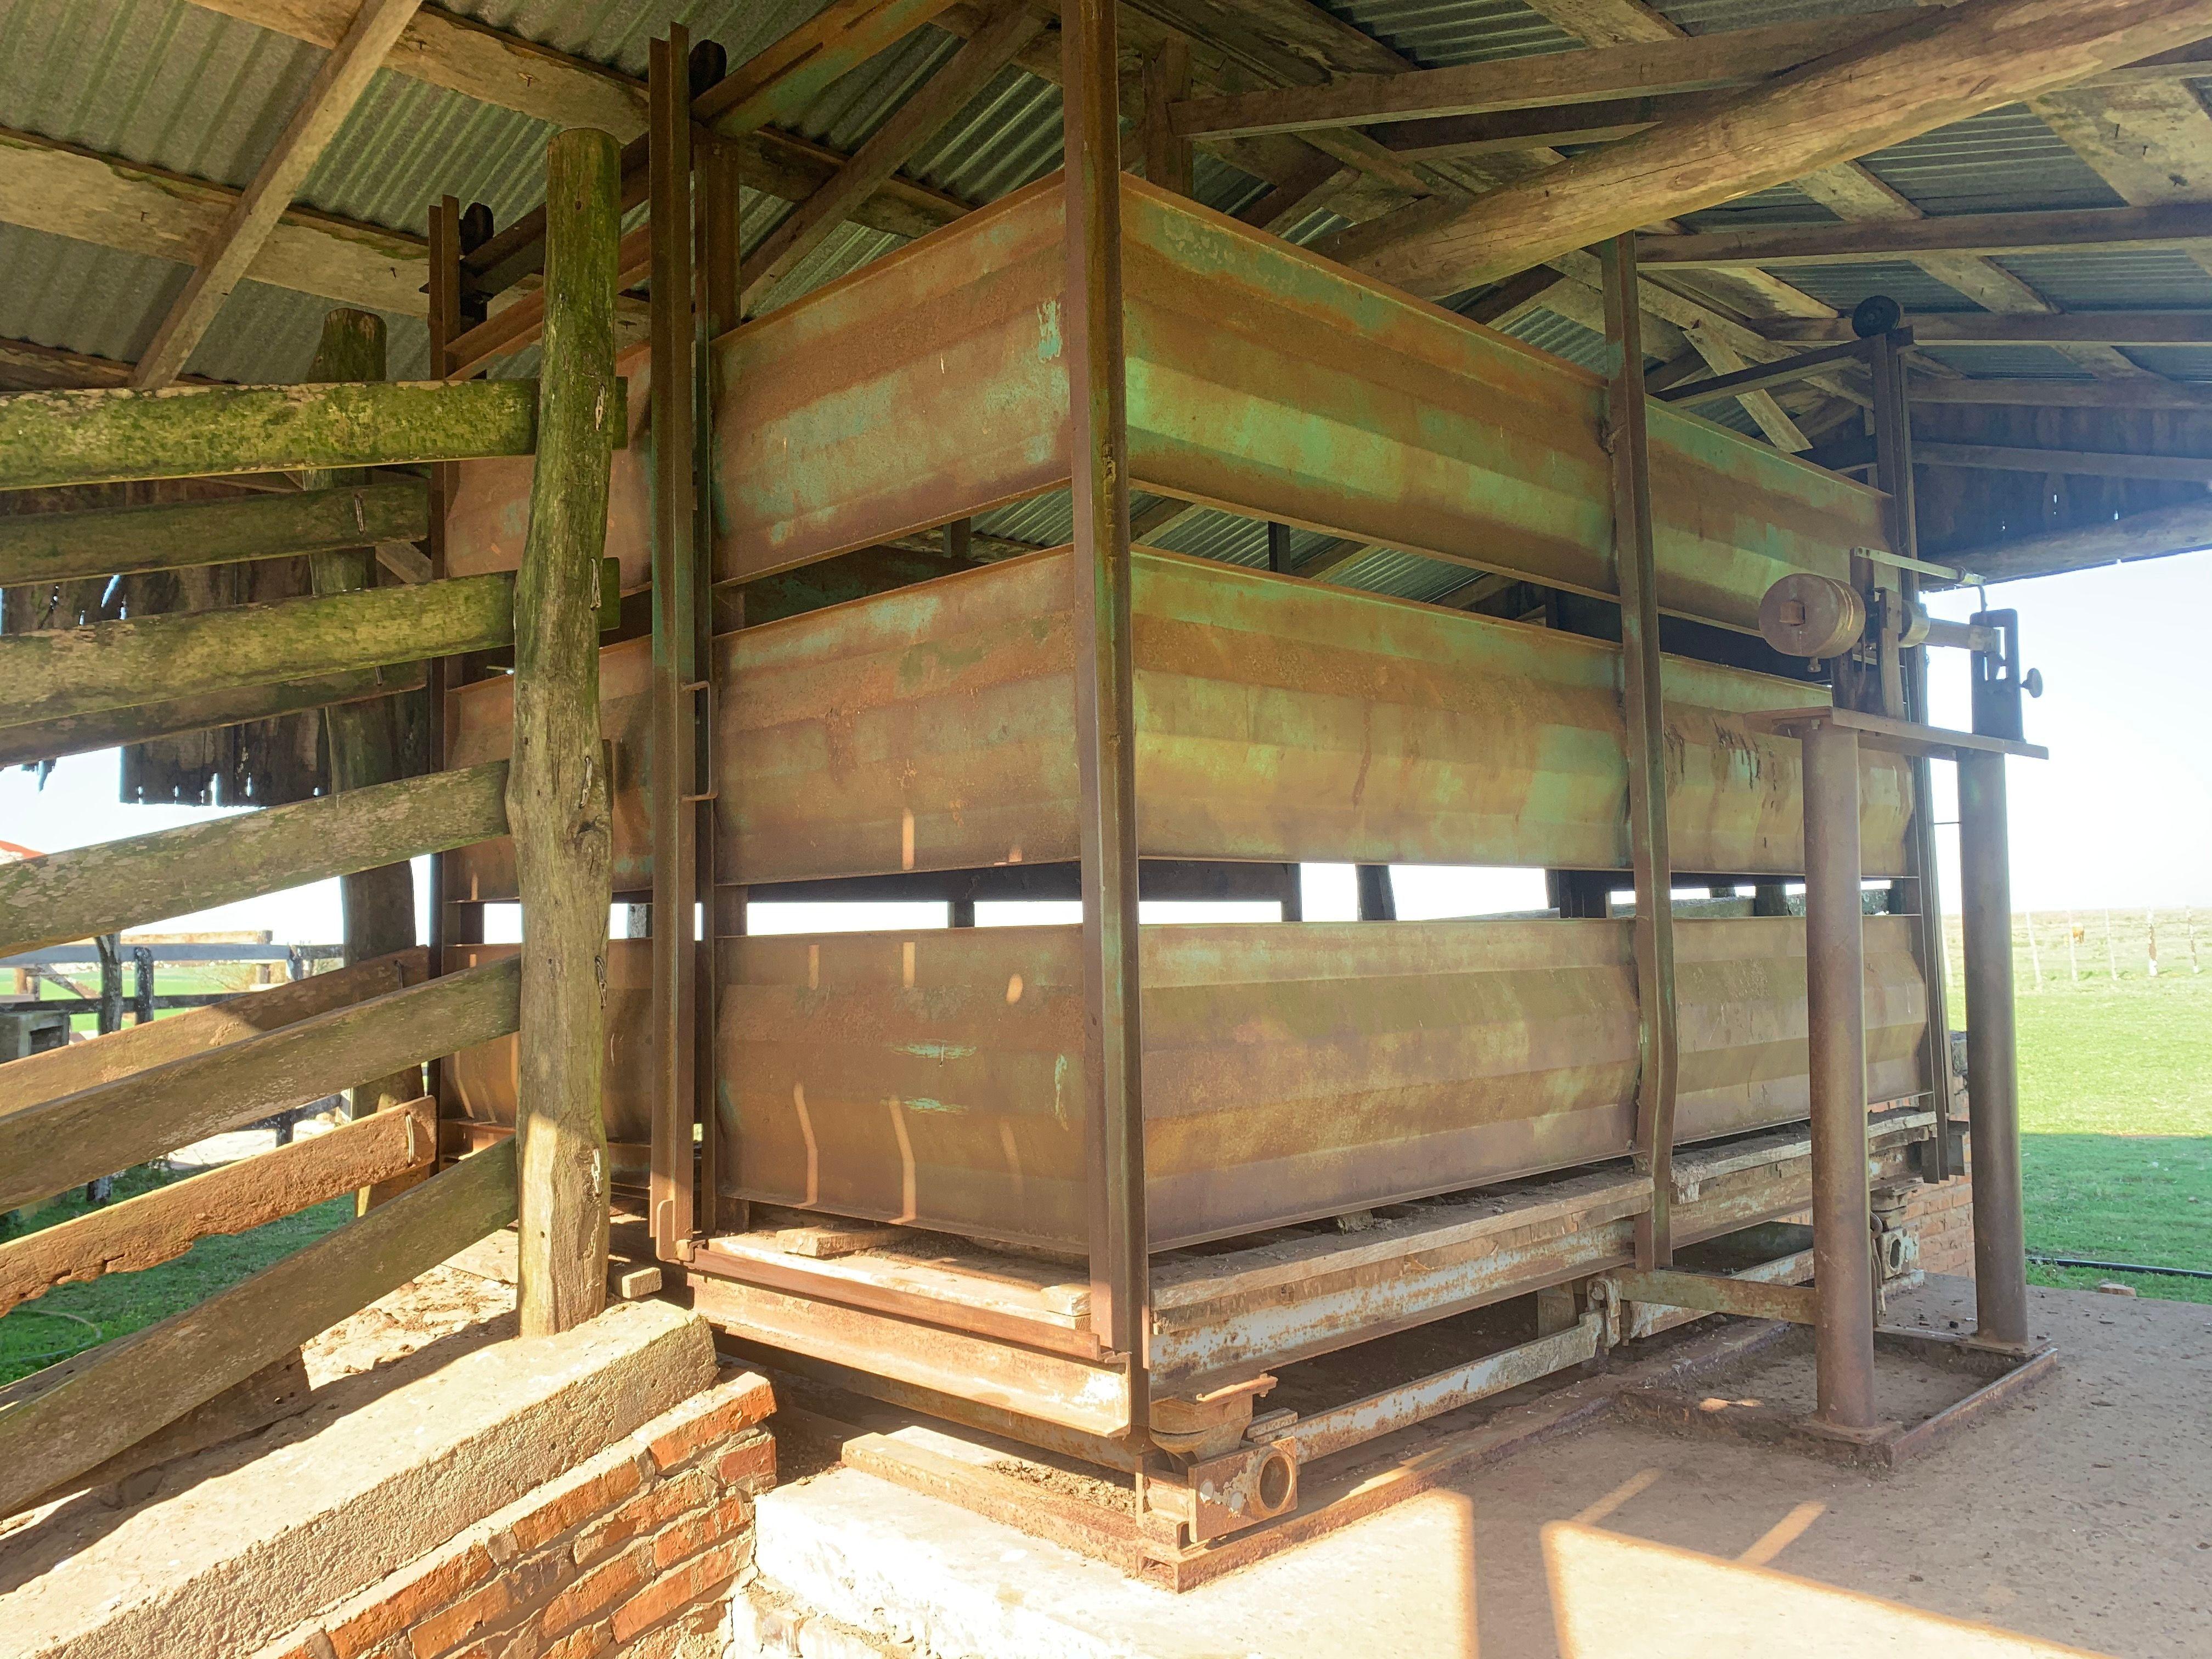 350 de coxilhas altas e solo argiloso para soja em Manoel Viana